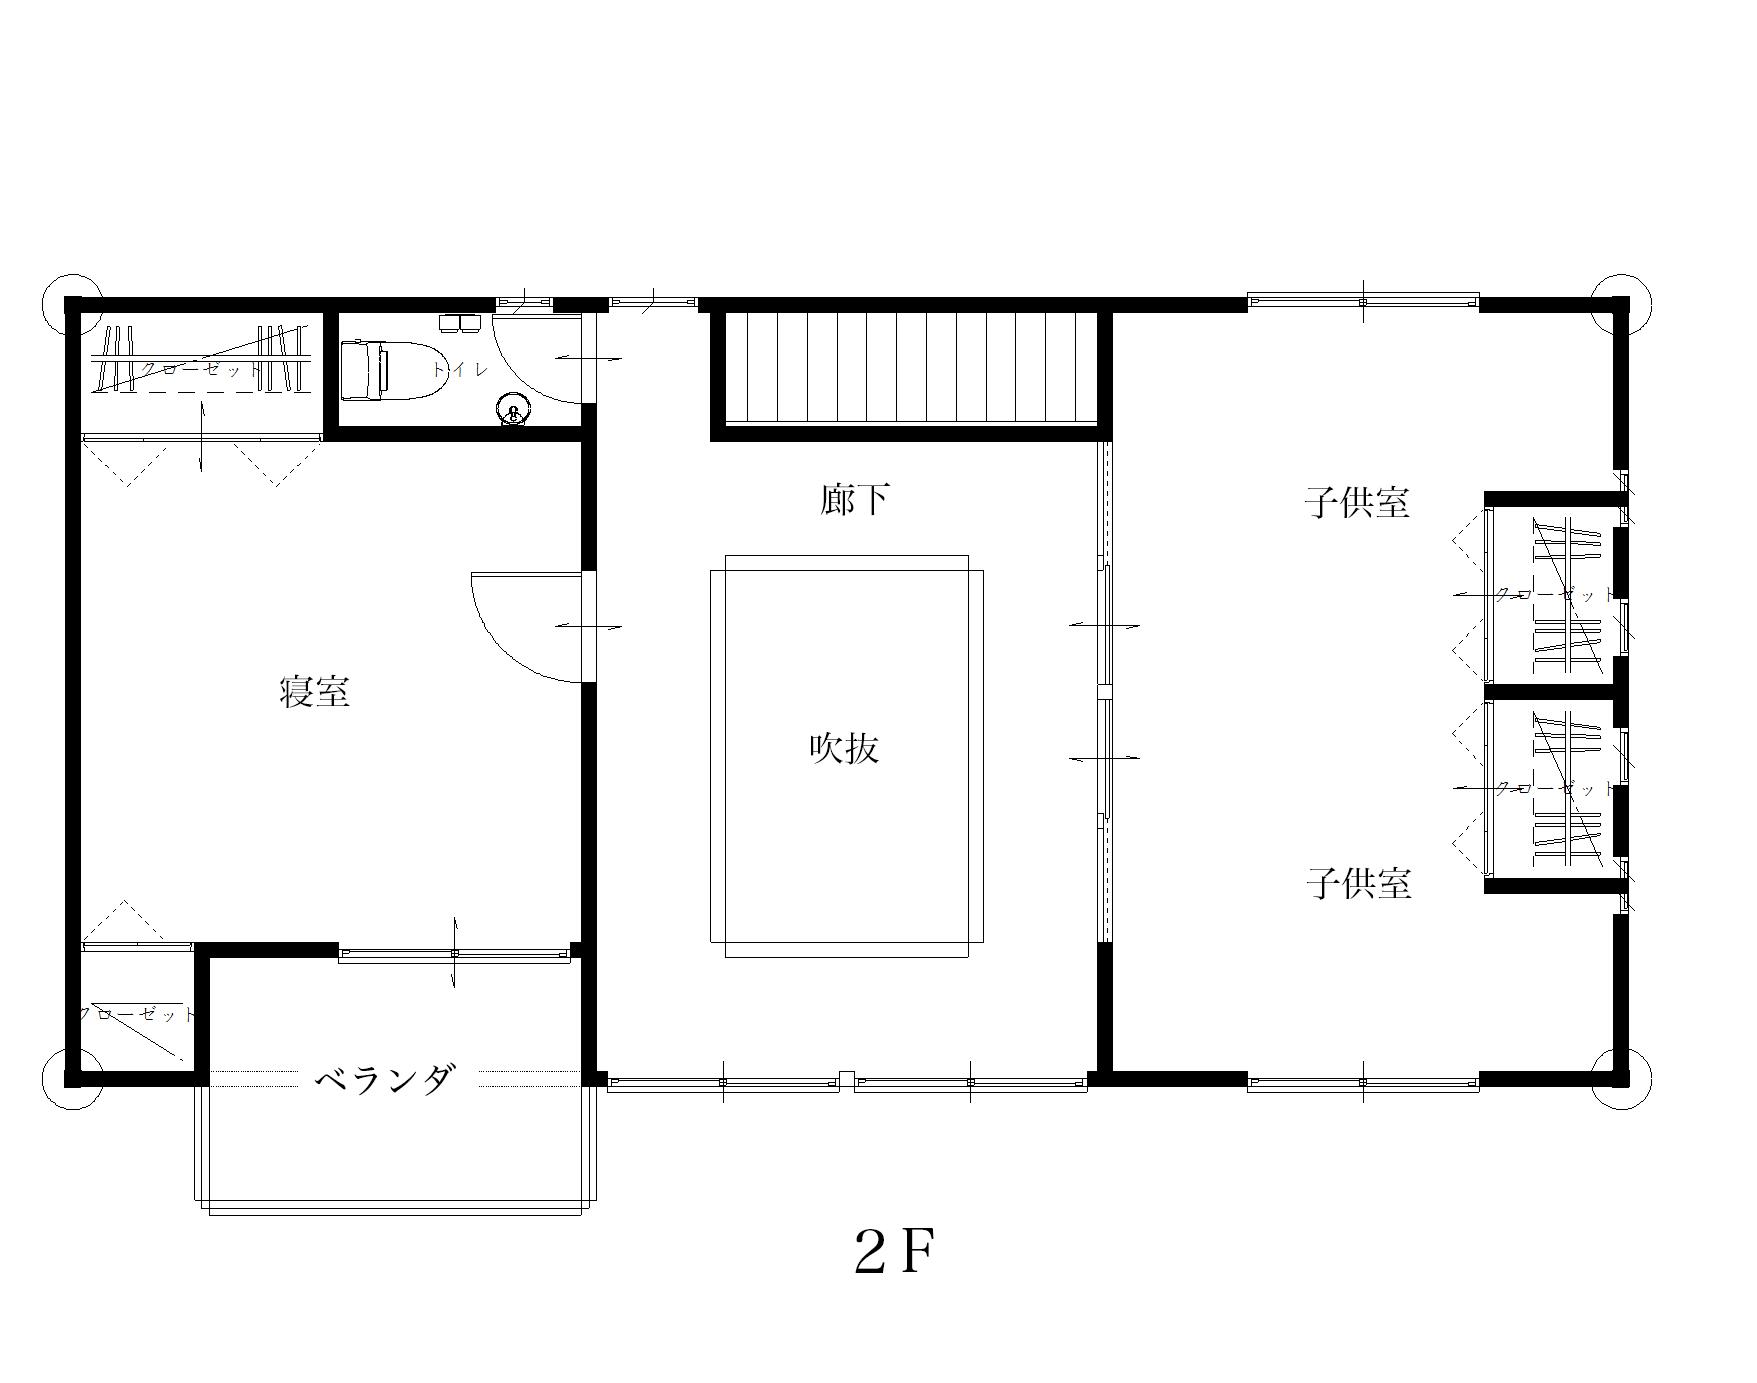 日田上城内展示場図面2